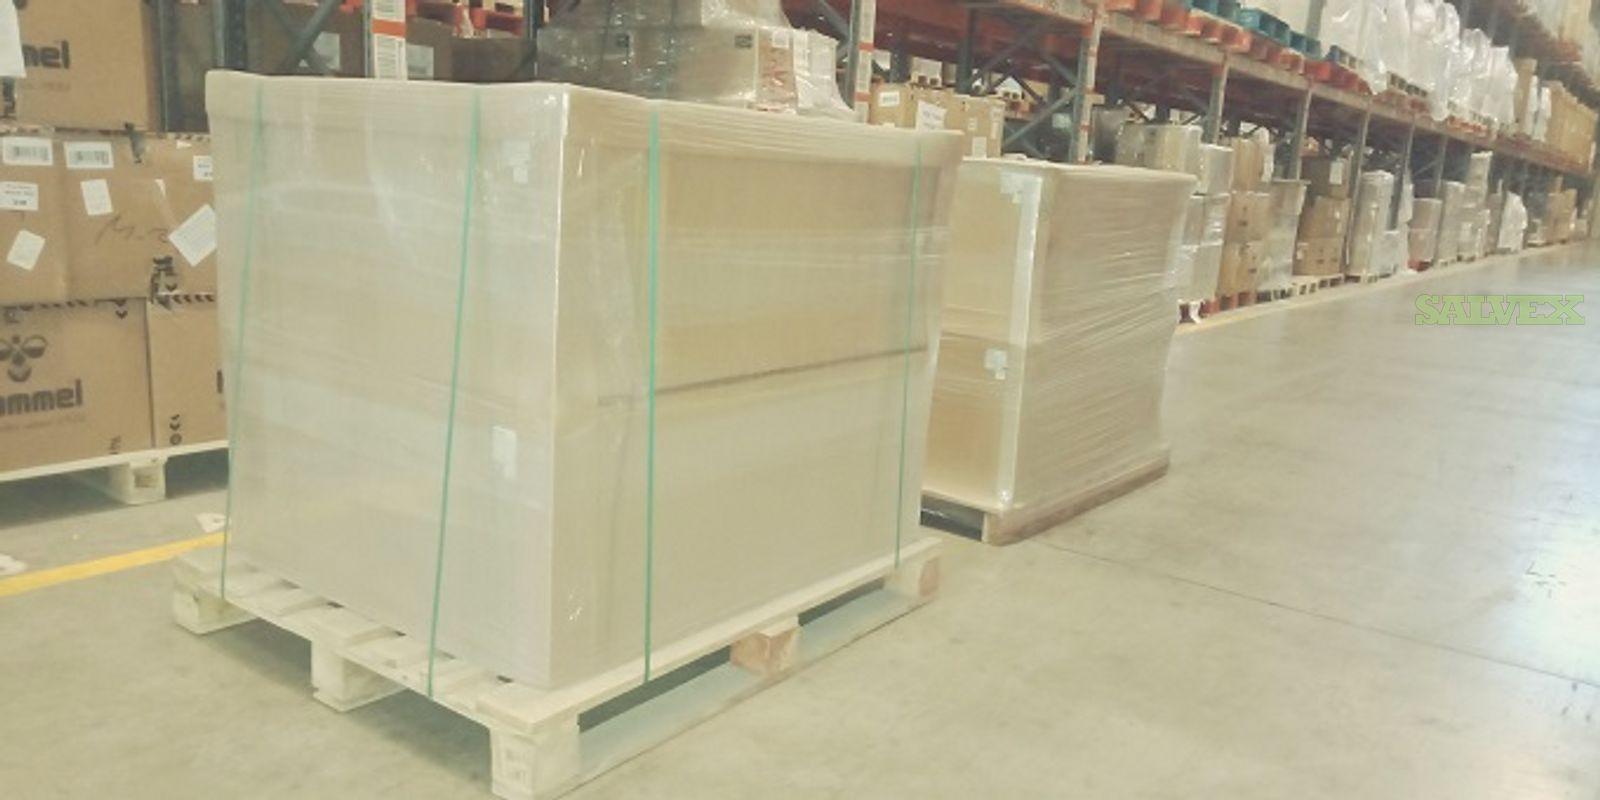 Eaton Solar Smart Combiner Boxes (156 units)